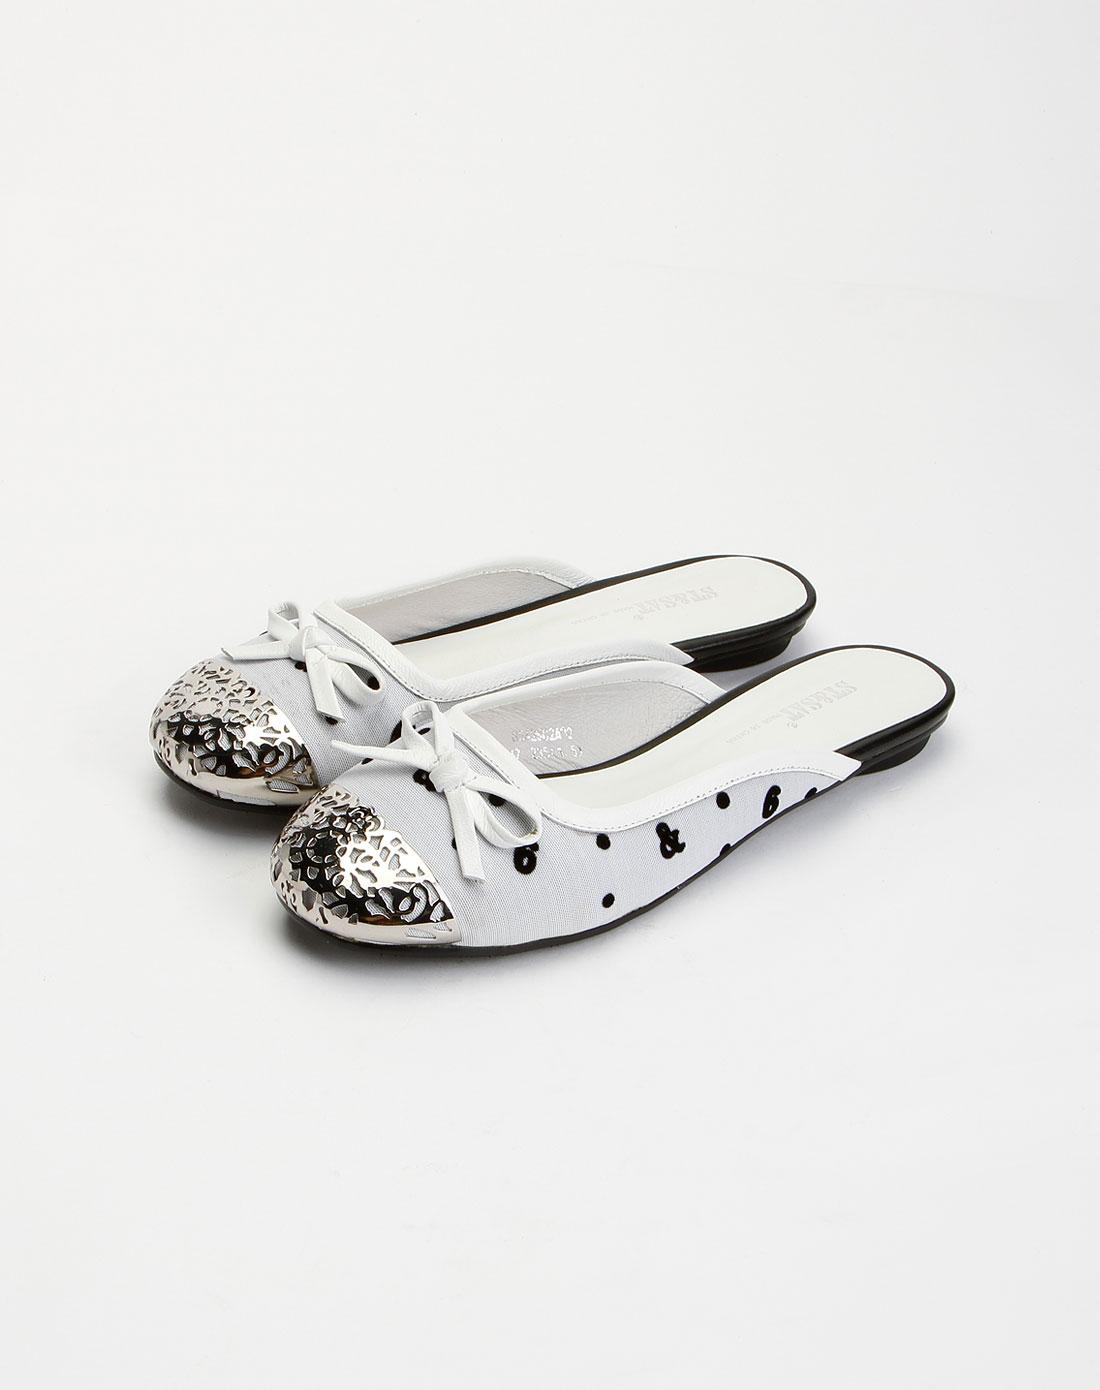 女鞋库存专场星期六 白/银色平底凉鞋